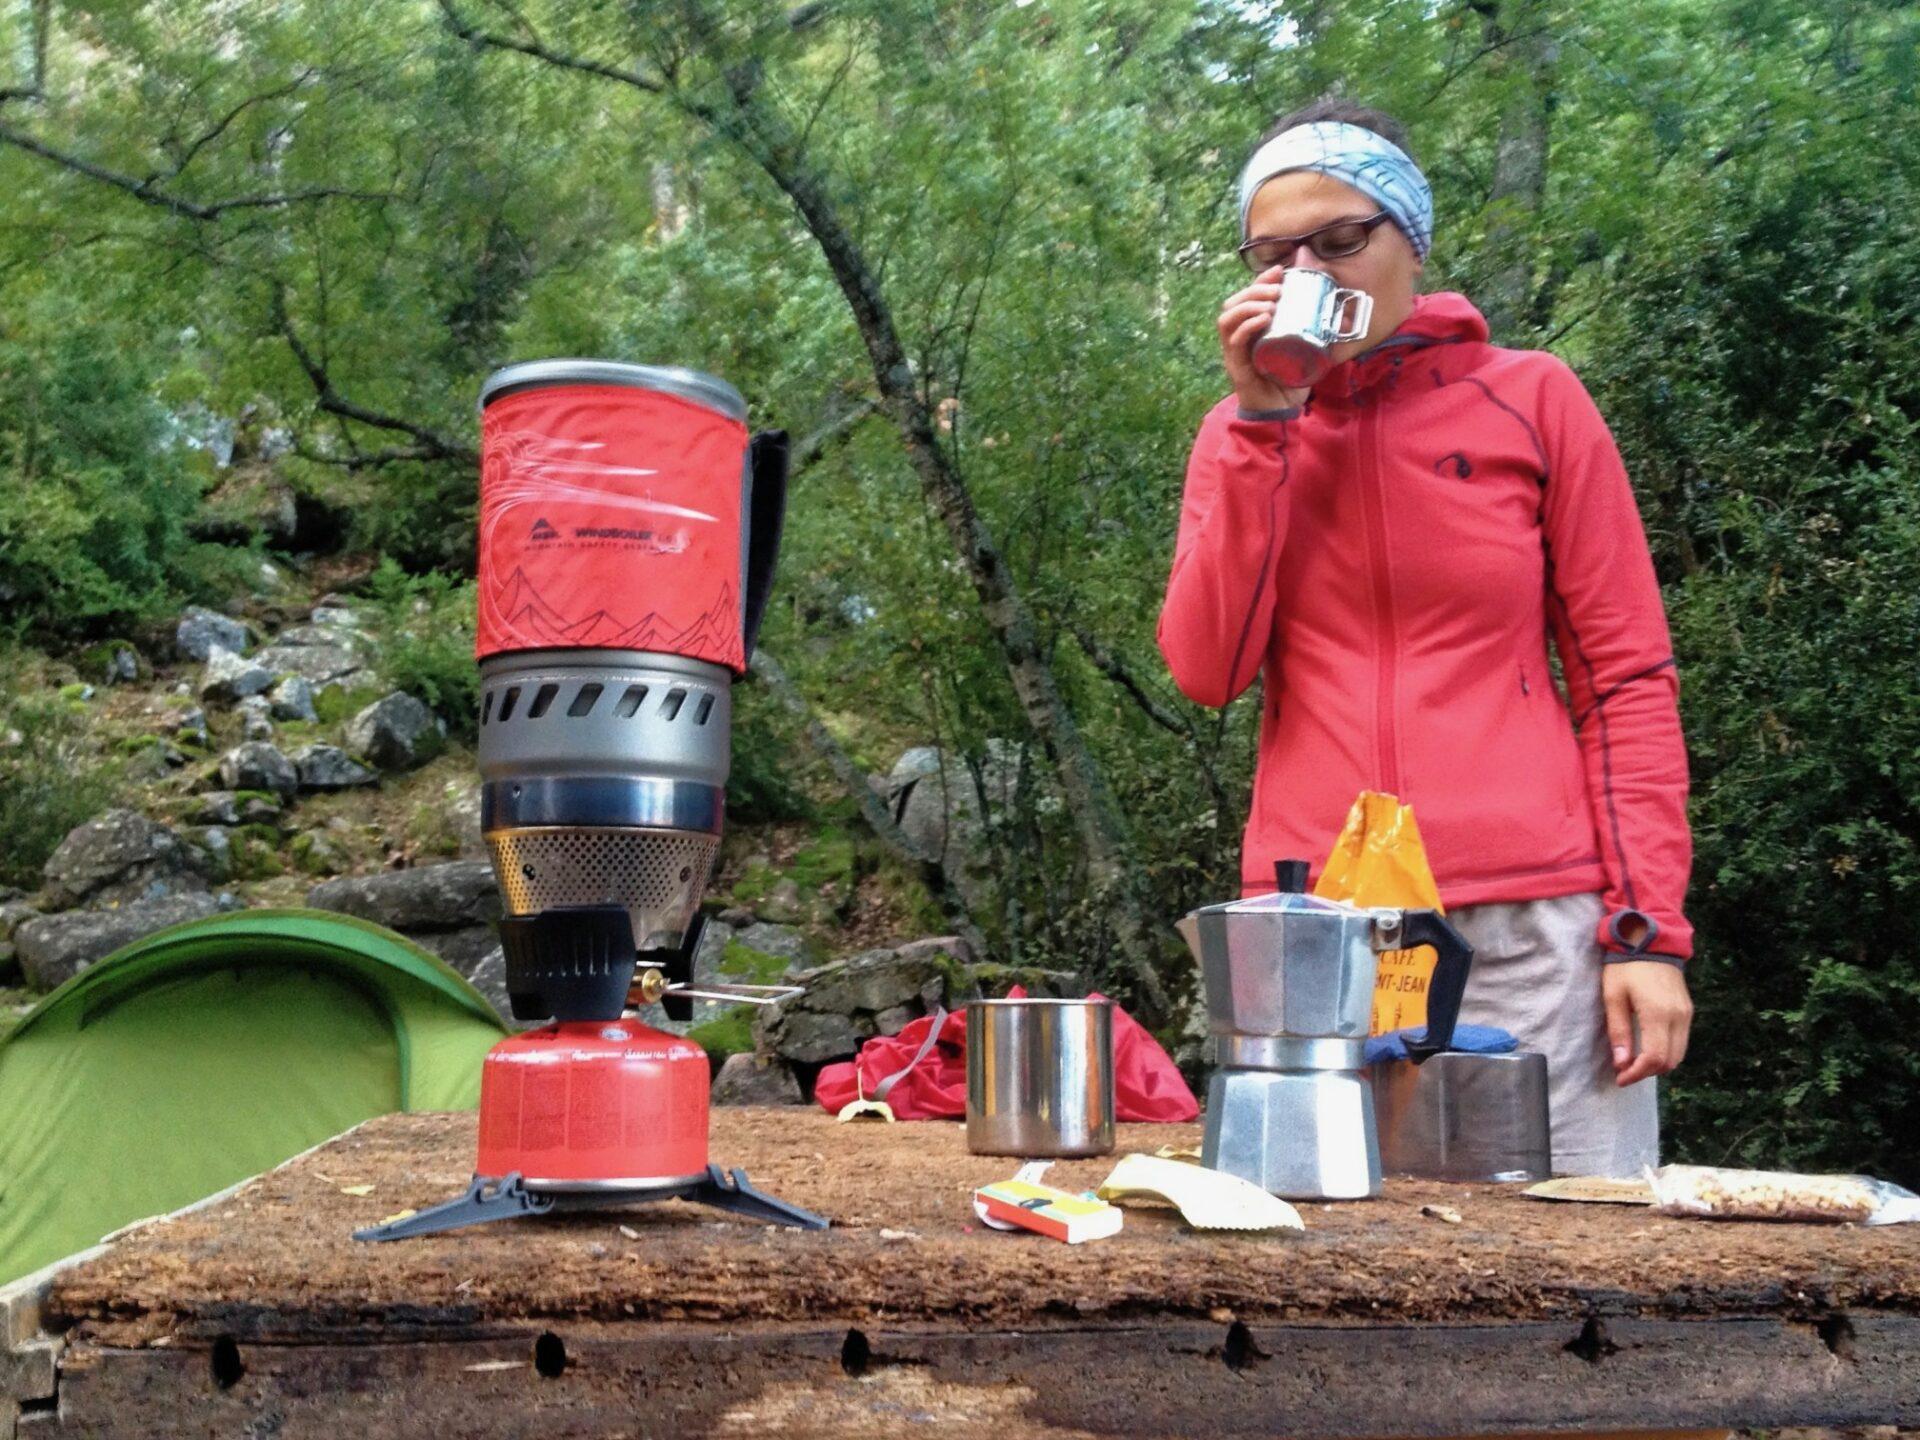 Frühstück, MSR WindBurner Gaskocher-System